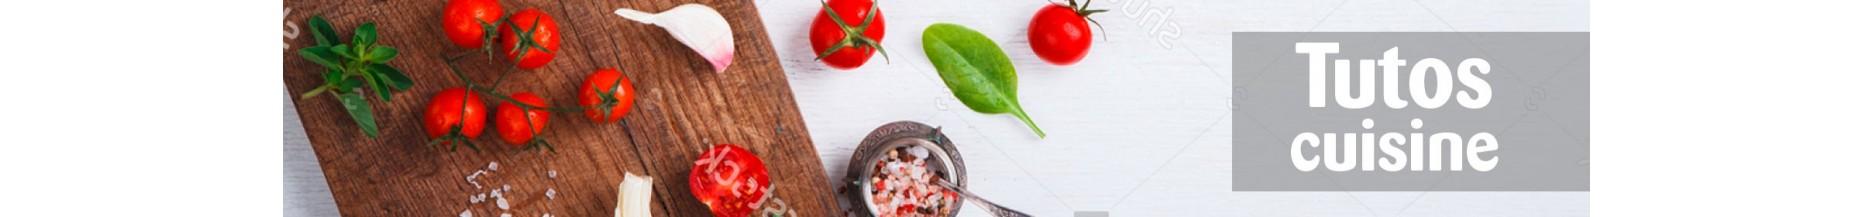 Tutos recettes traditionnelles